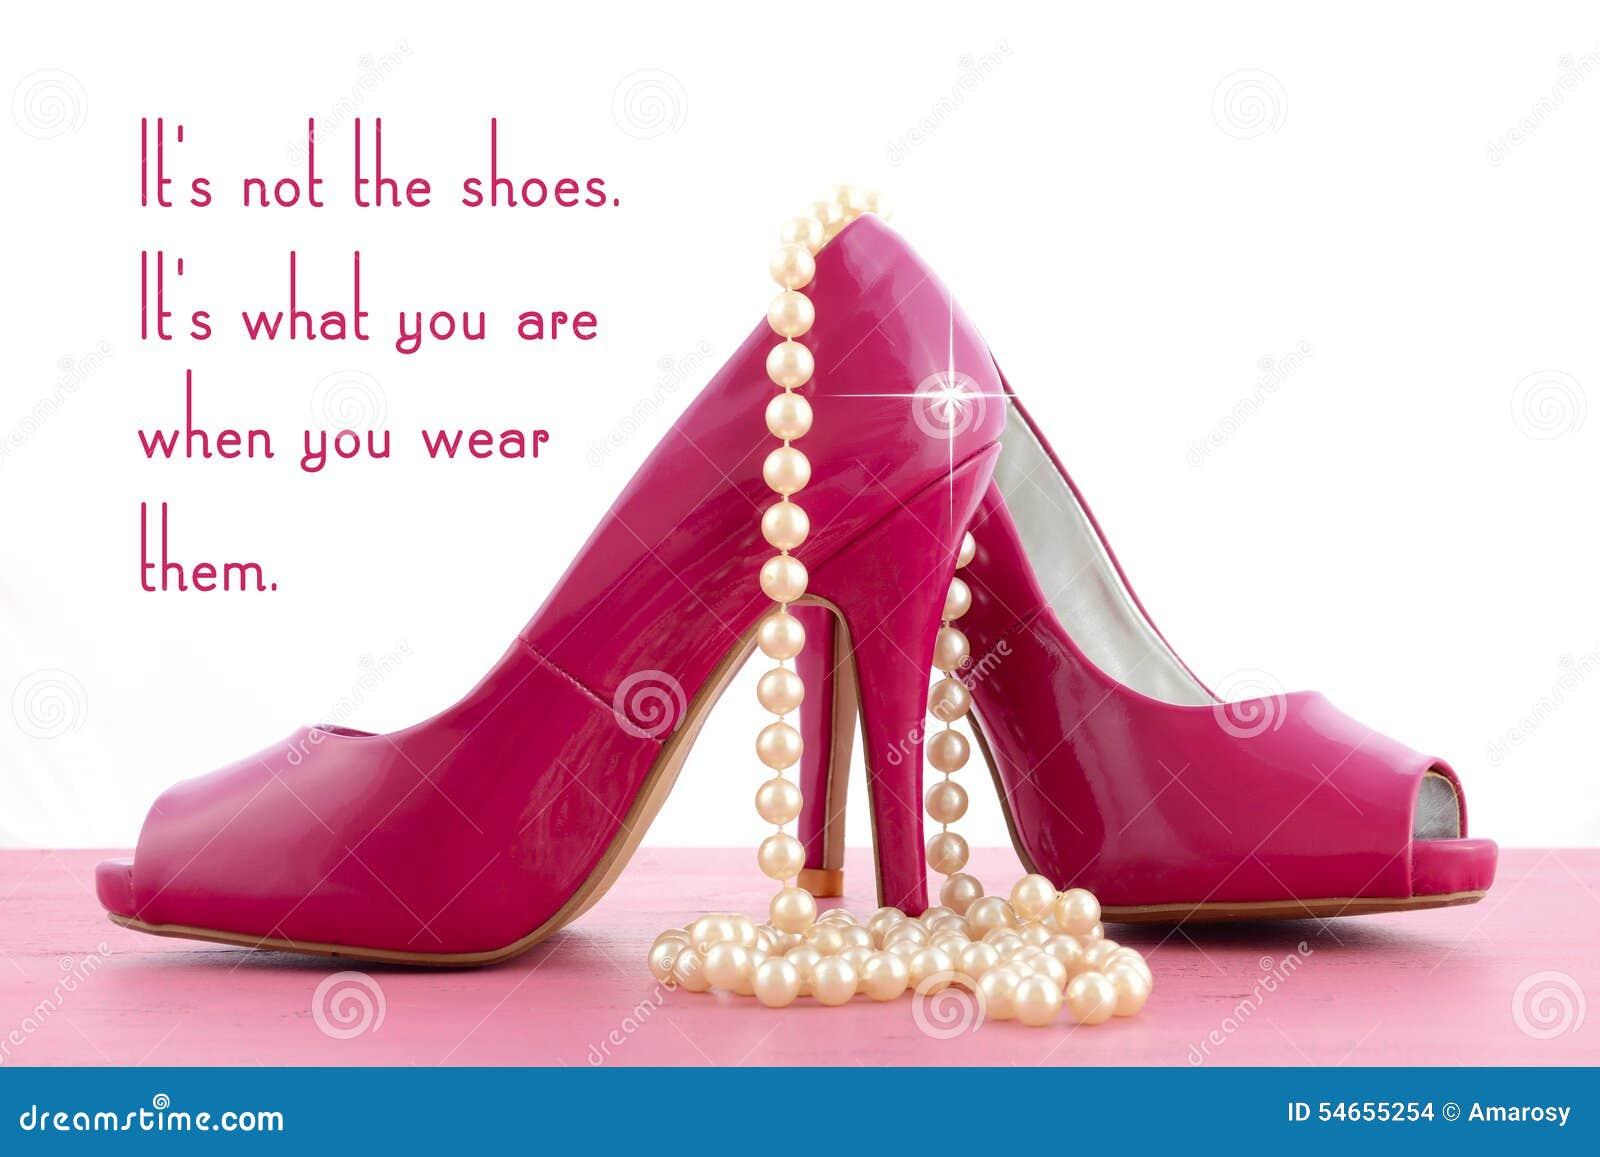 Zapato del tacón alto con la inspiración linda y la cita divertida